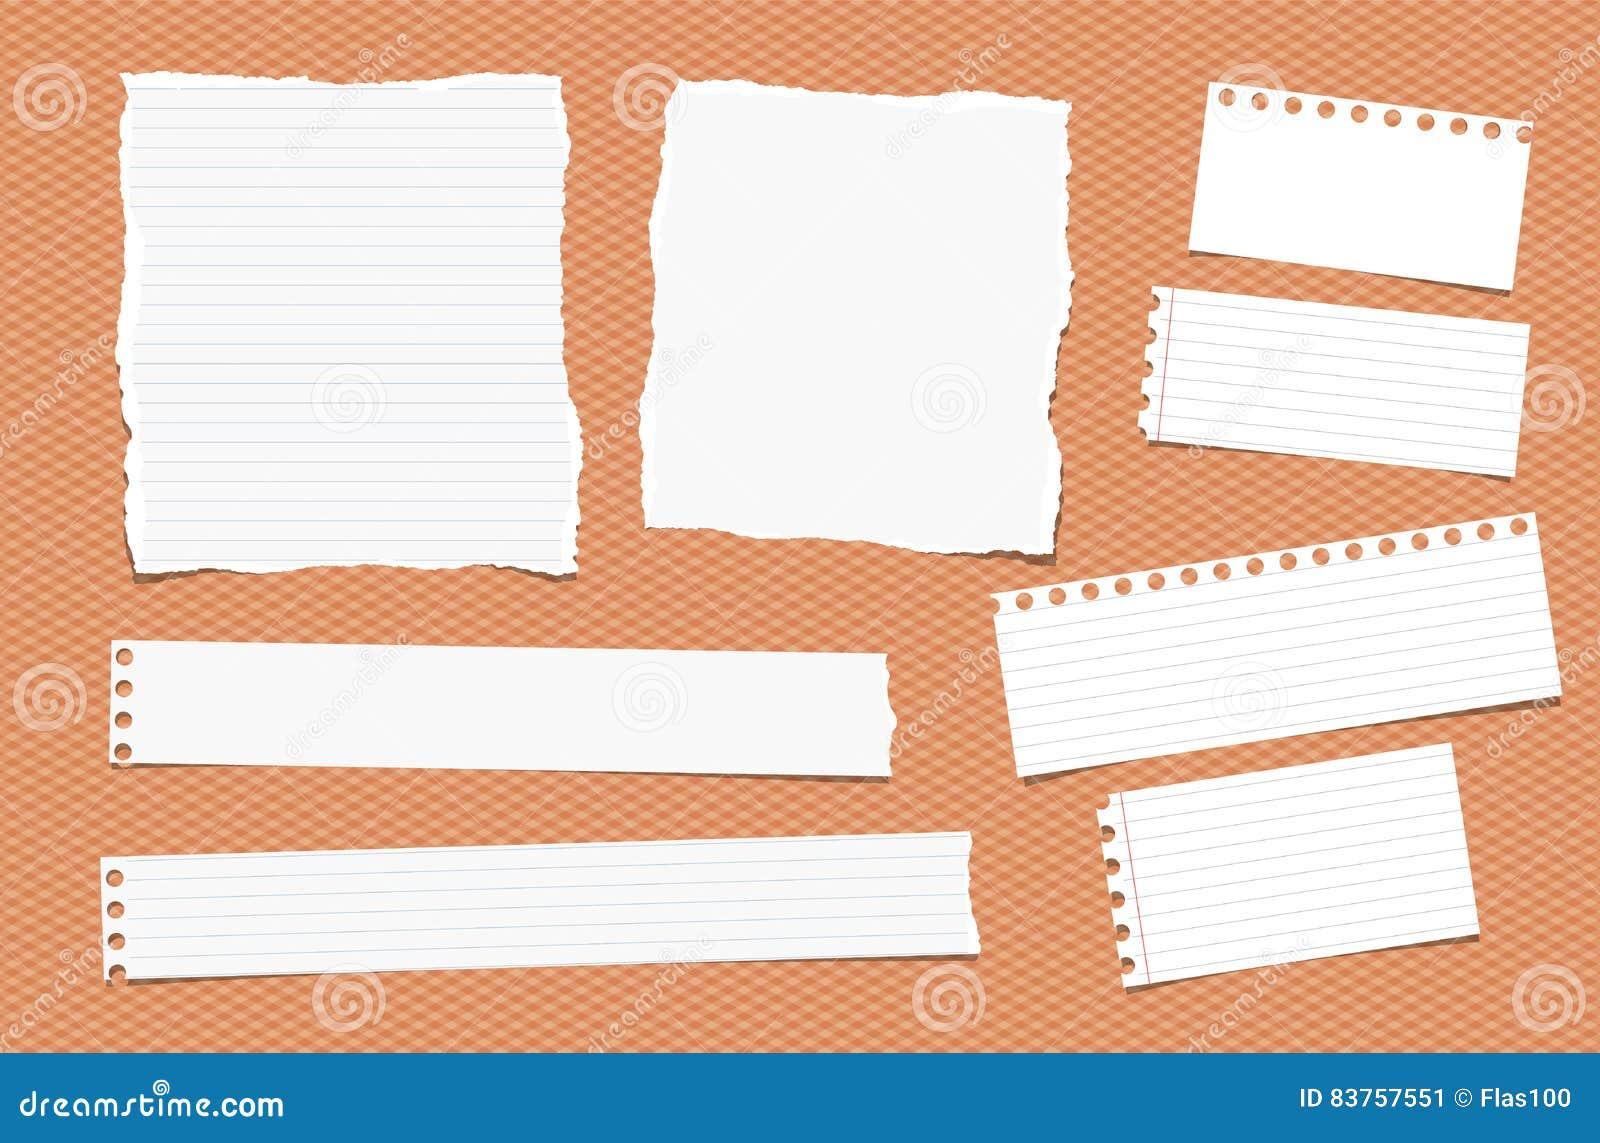 Pedazos de nota blanca rasgada de diverso tamaño, cuaderno, hojas de papel del cuaderno